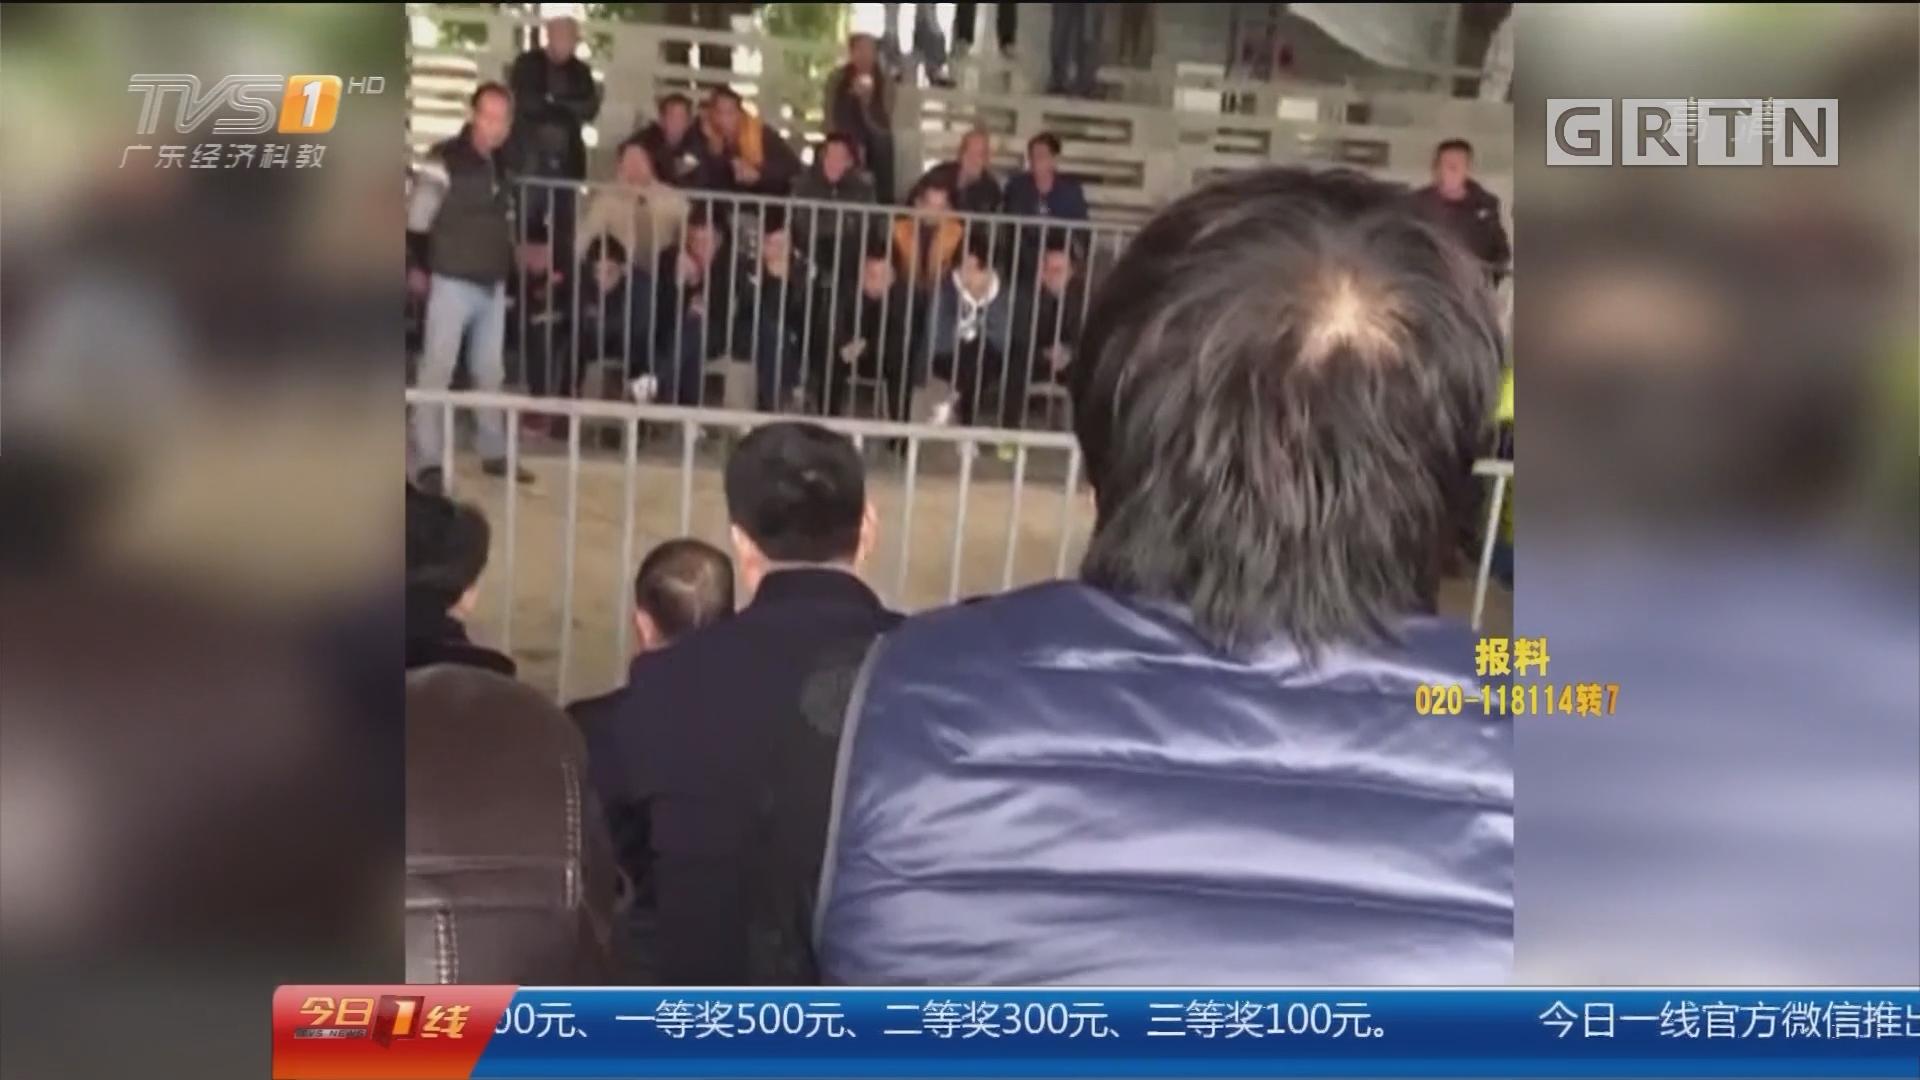 汕头澄海:老年娱乐场别有洞天 斗狗赌场暗藏其中